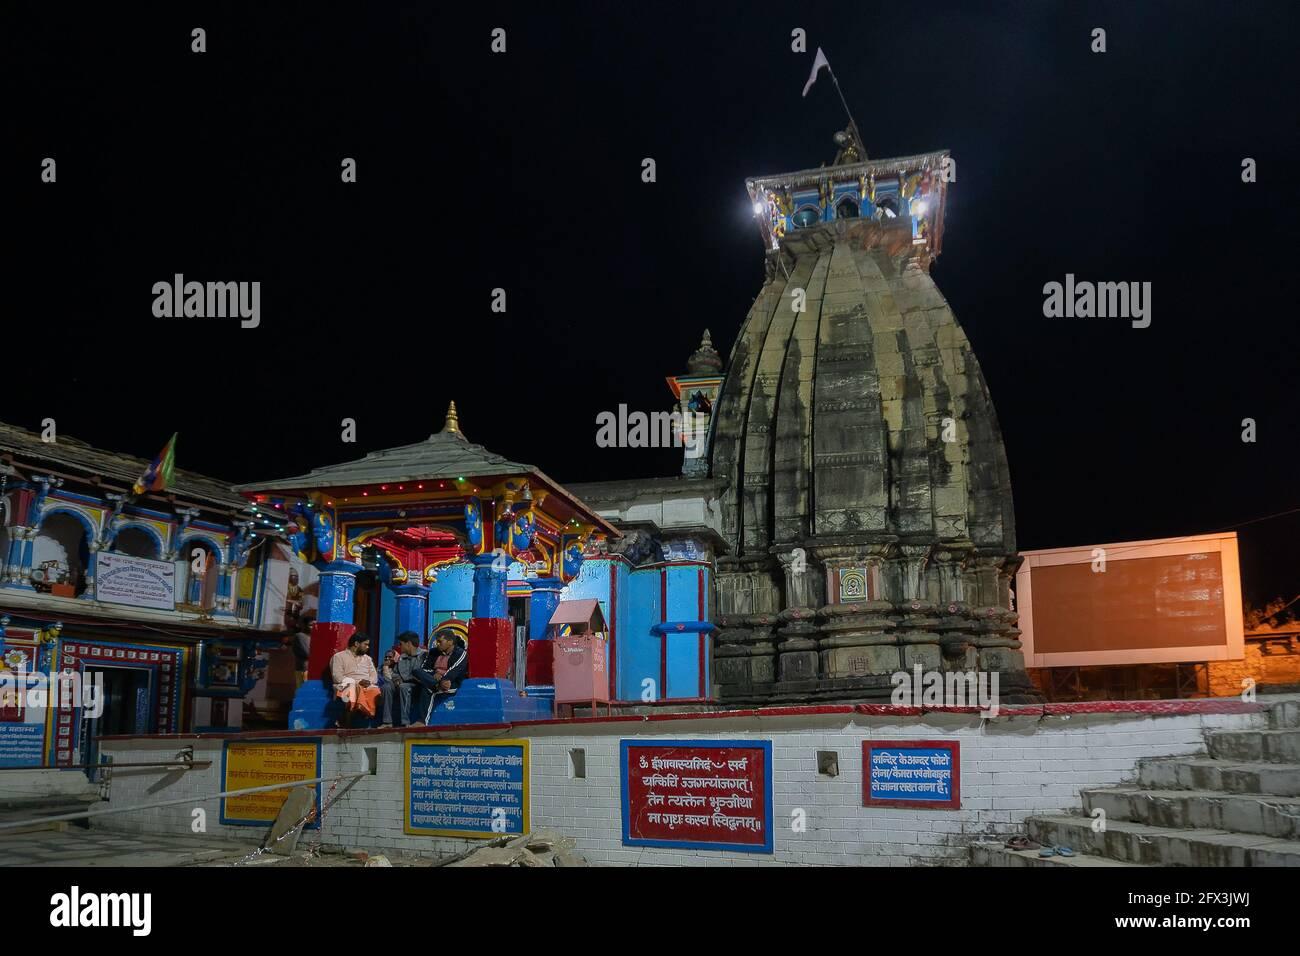 UKHIMATH, RUDRRAPRAYAG, UTTARAKHAND, INDIA - OCTUBRE 30 2018 : Ukhimath, templo sagrado hindú bajo el cielo nocturno. Puja de invierno del año del Señor Kedarnath Foto de stock